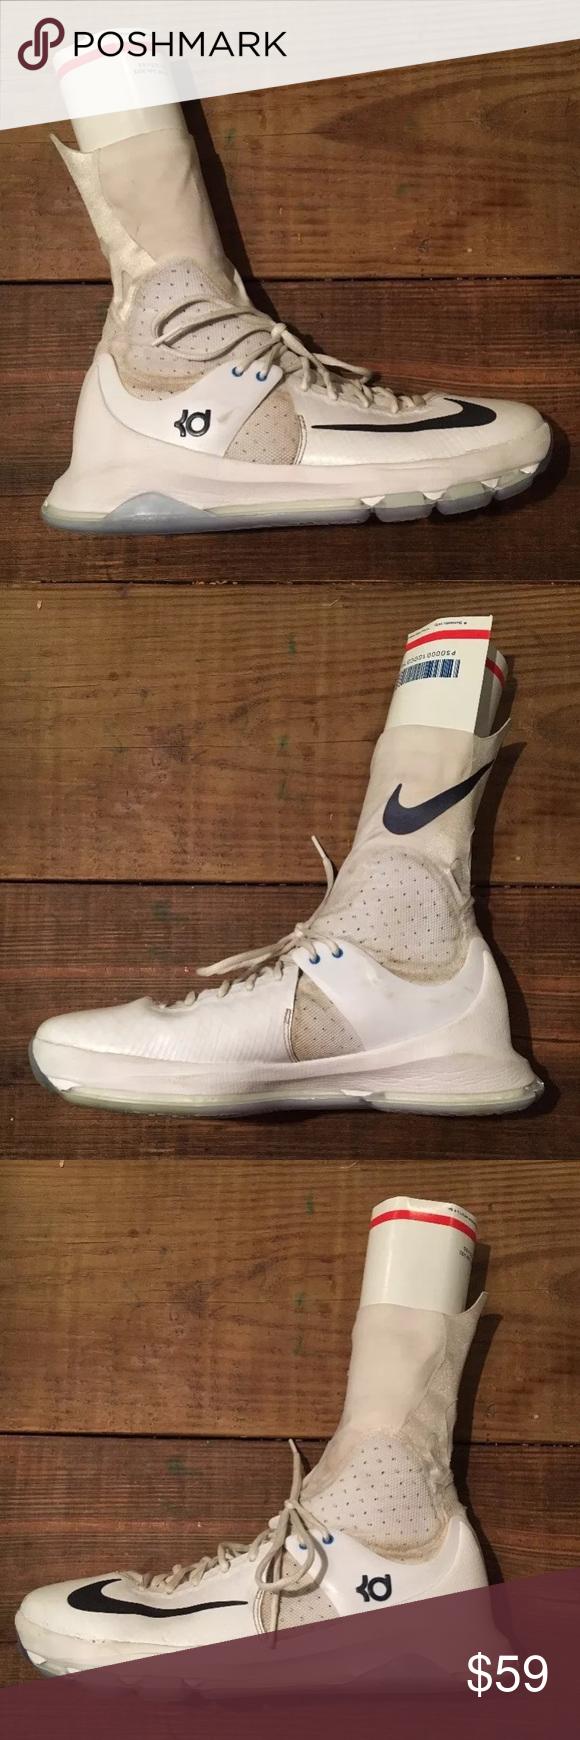 b68847185cc2 11.5 Nike KD 8 ELITE Kevin Durant Shoes 834185 144 Mens 11.5 Nike KD 8 ELITE